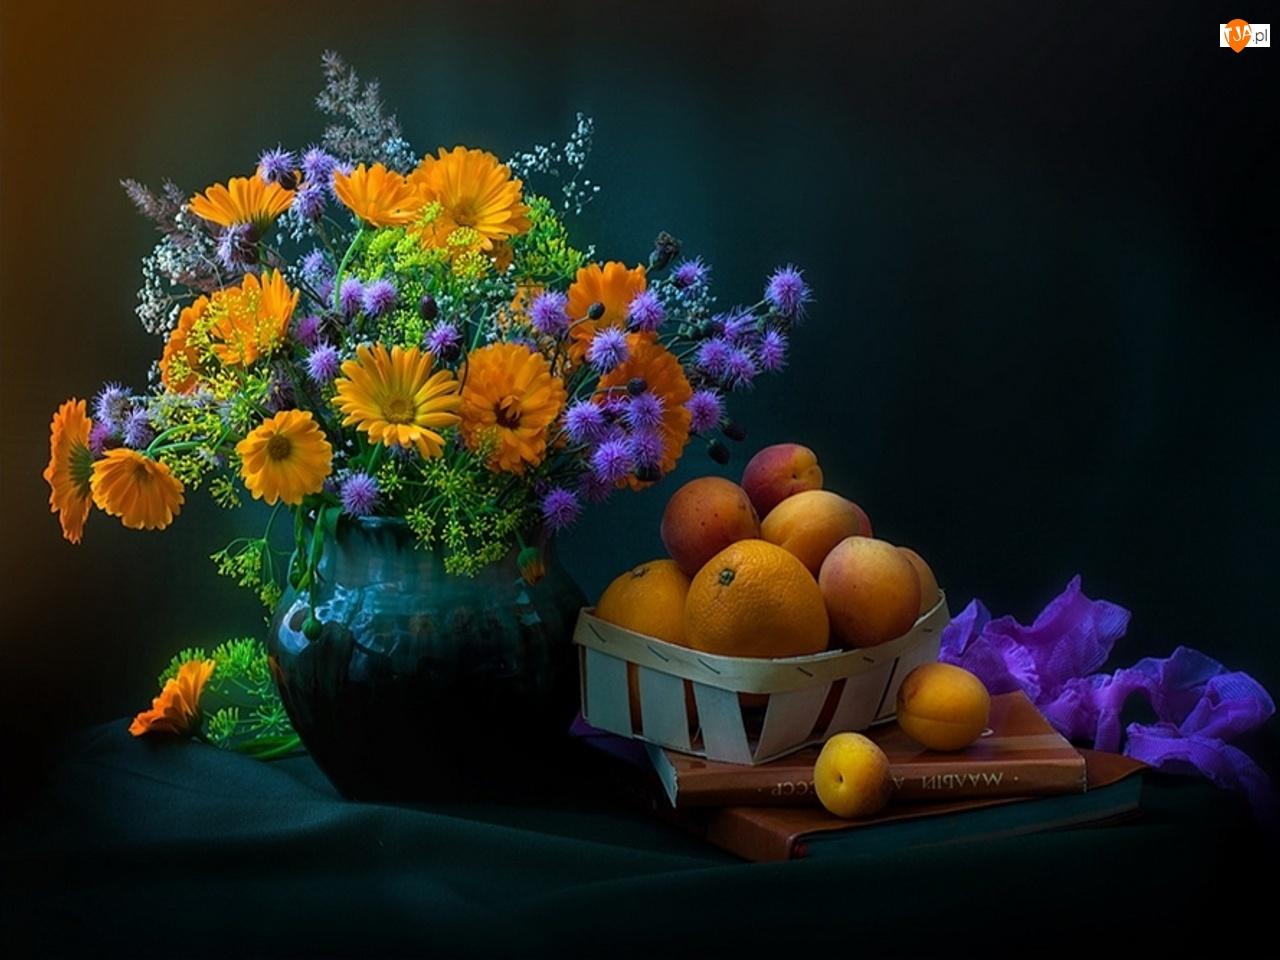 Owoce, Wazon, Kwiaty